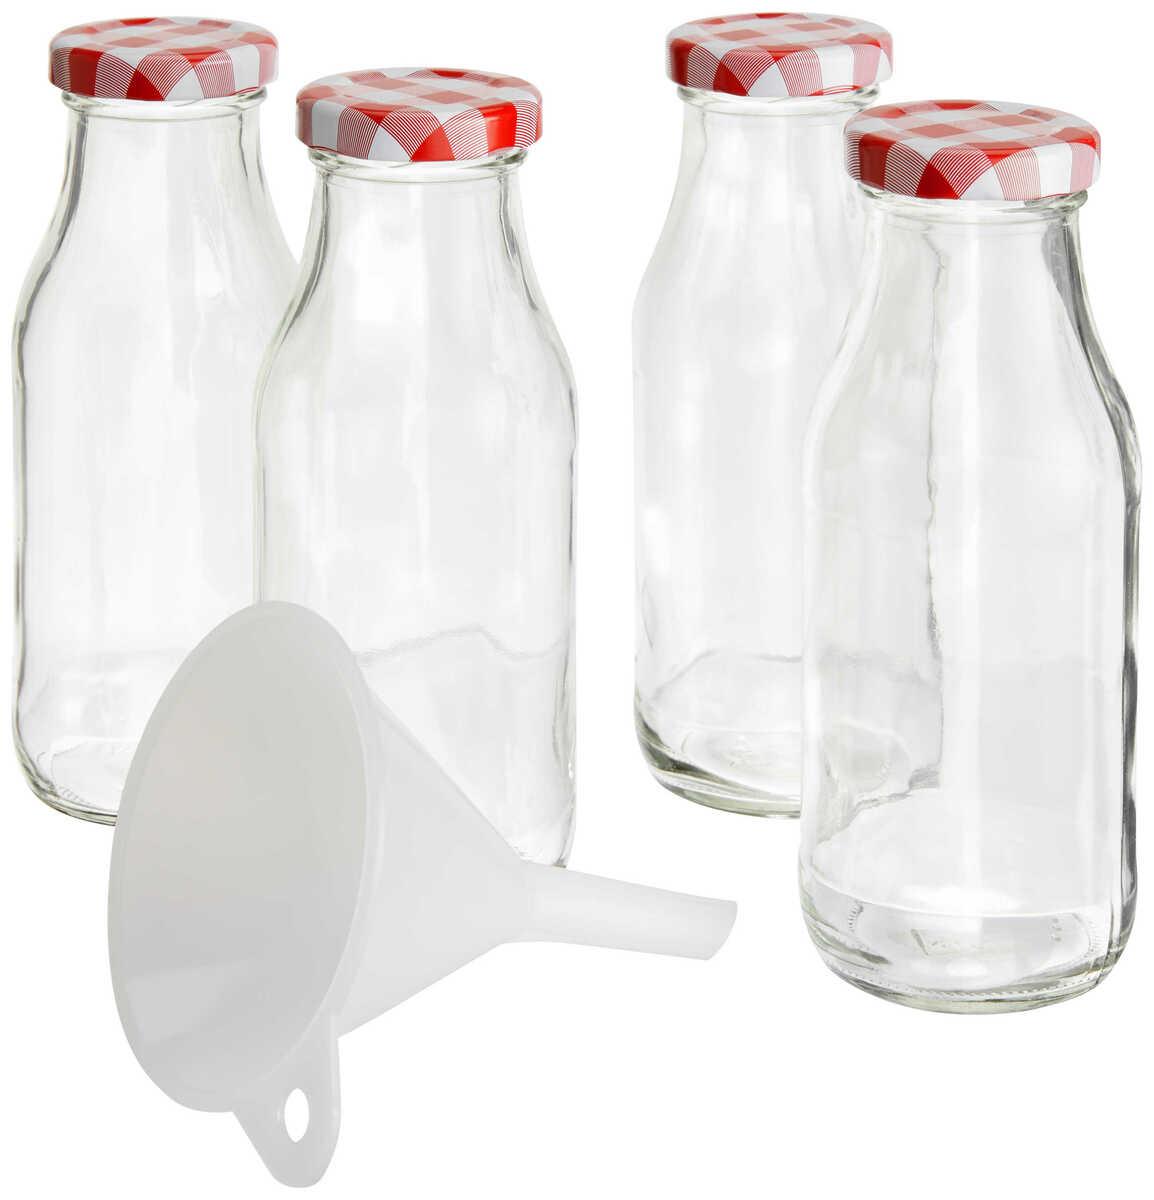 Bild 2 von Schraubflaschen-Set